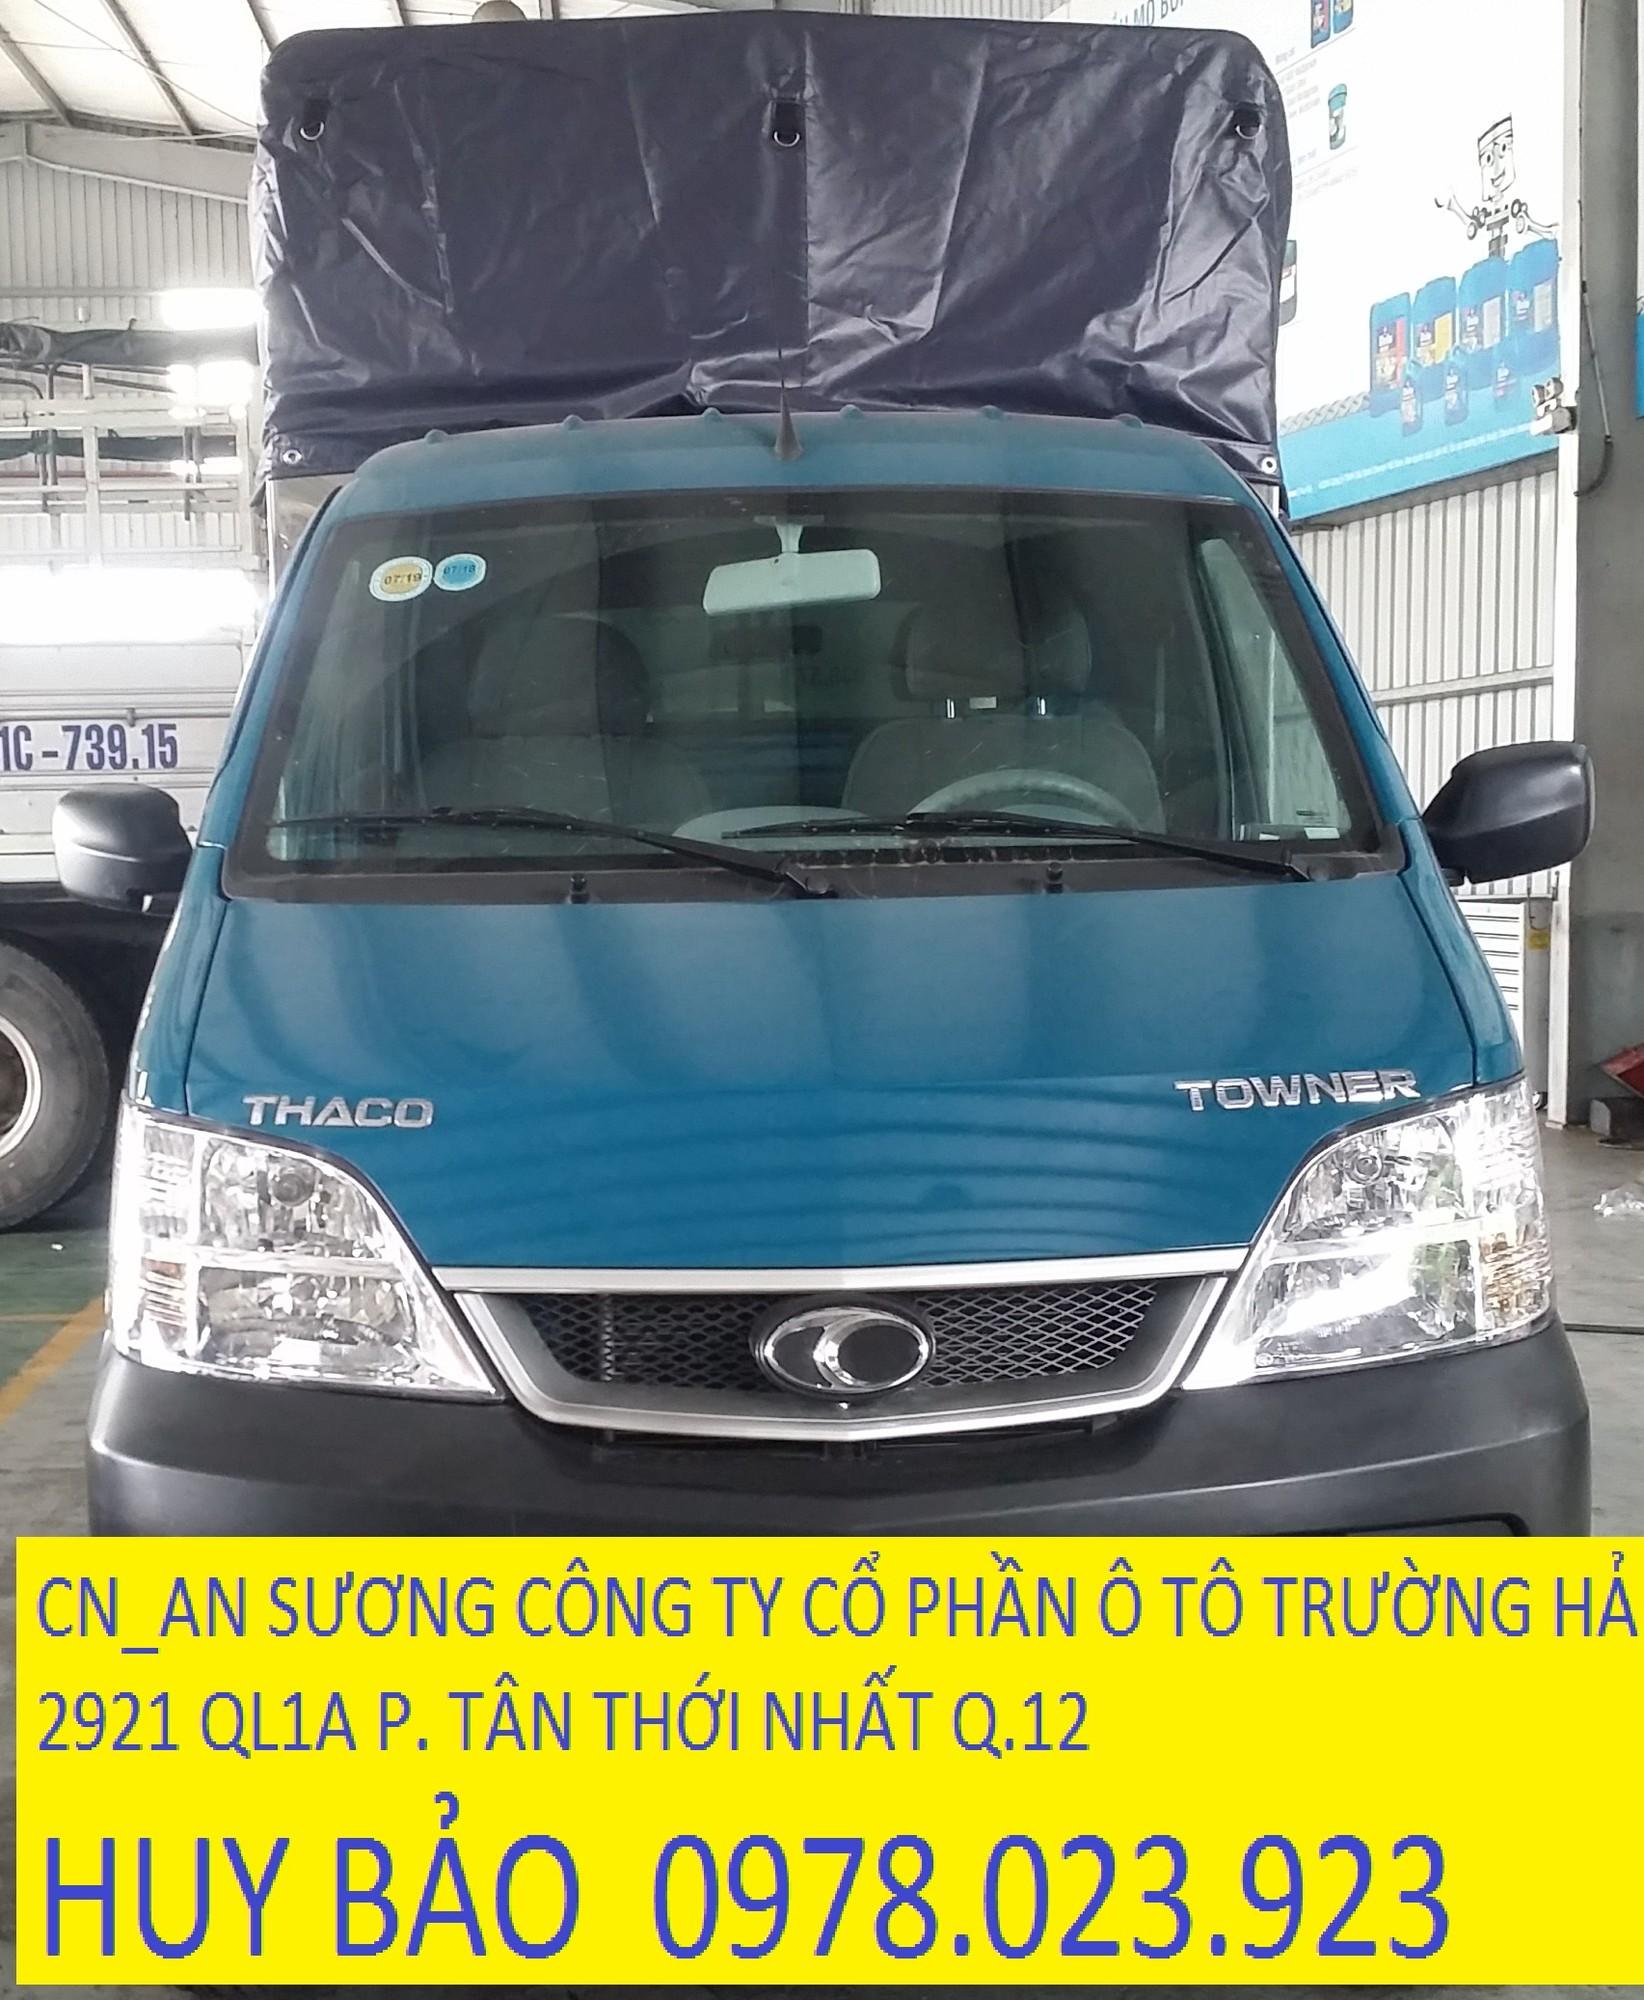 Xe tải thaco towner 750 kg phun xăng điện tử thùng dài 2.6m Ảnh số 41334482